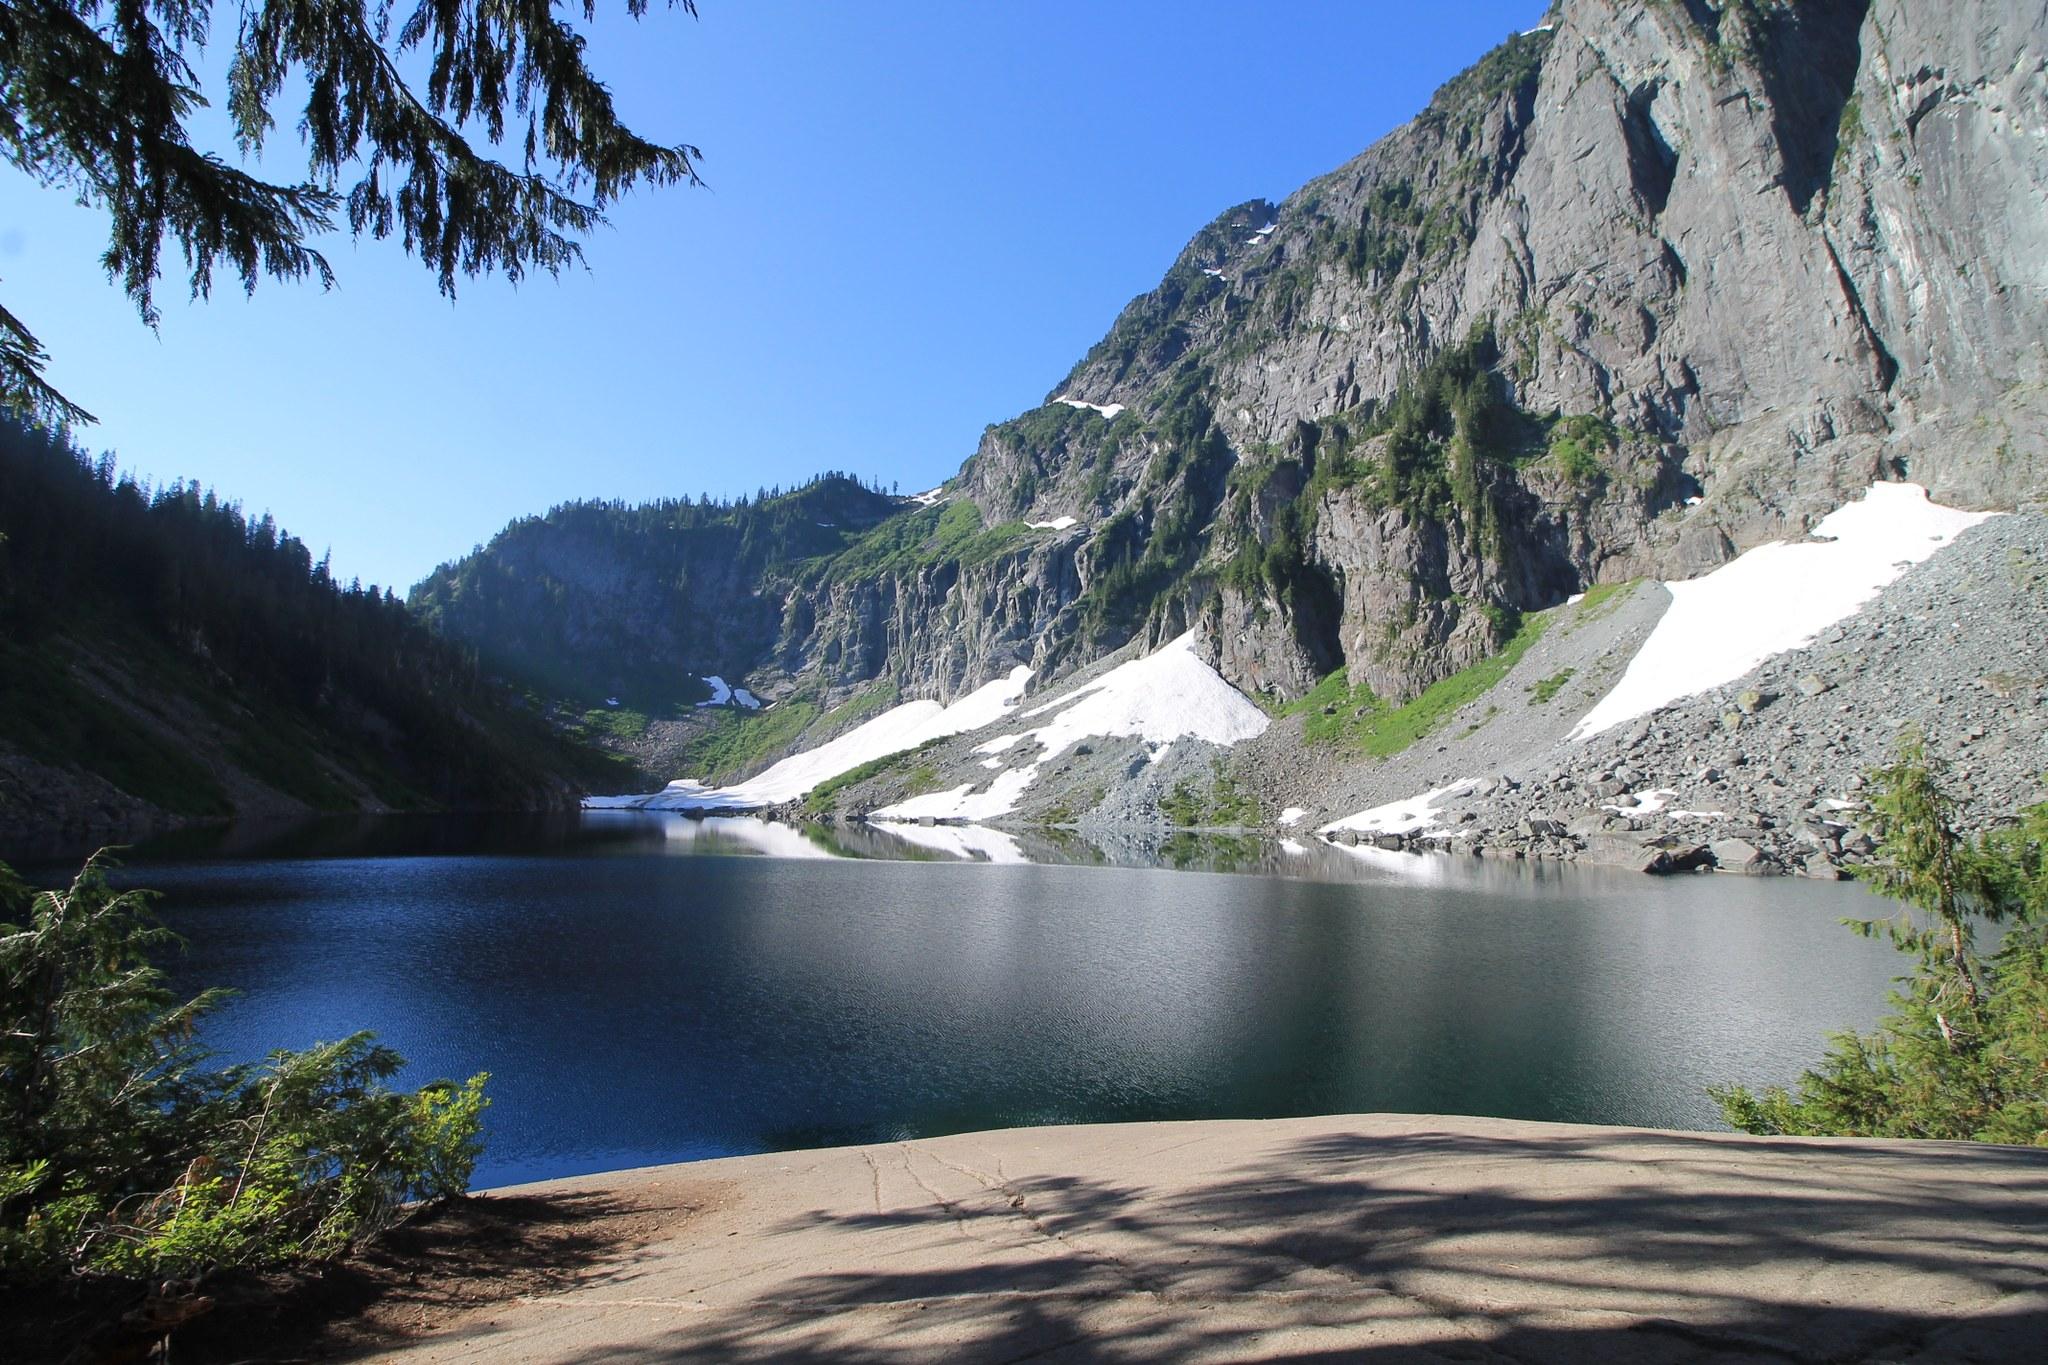 Lake Serene by hikershan